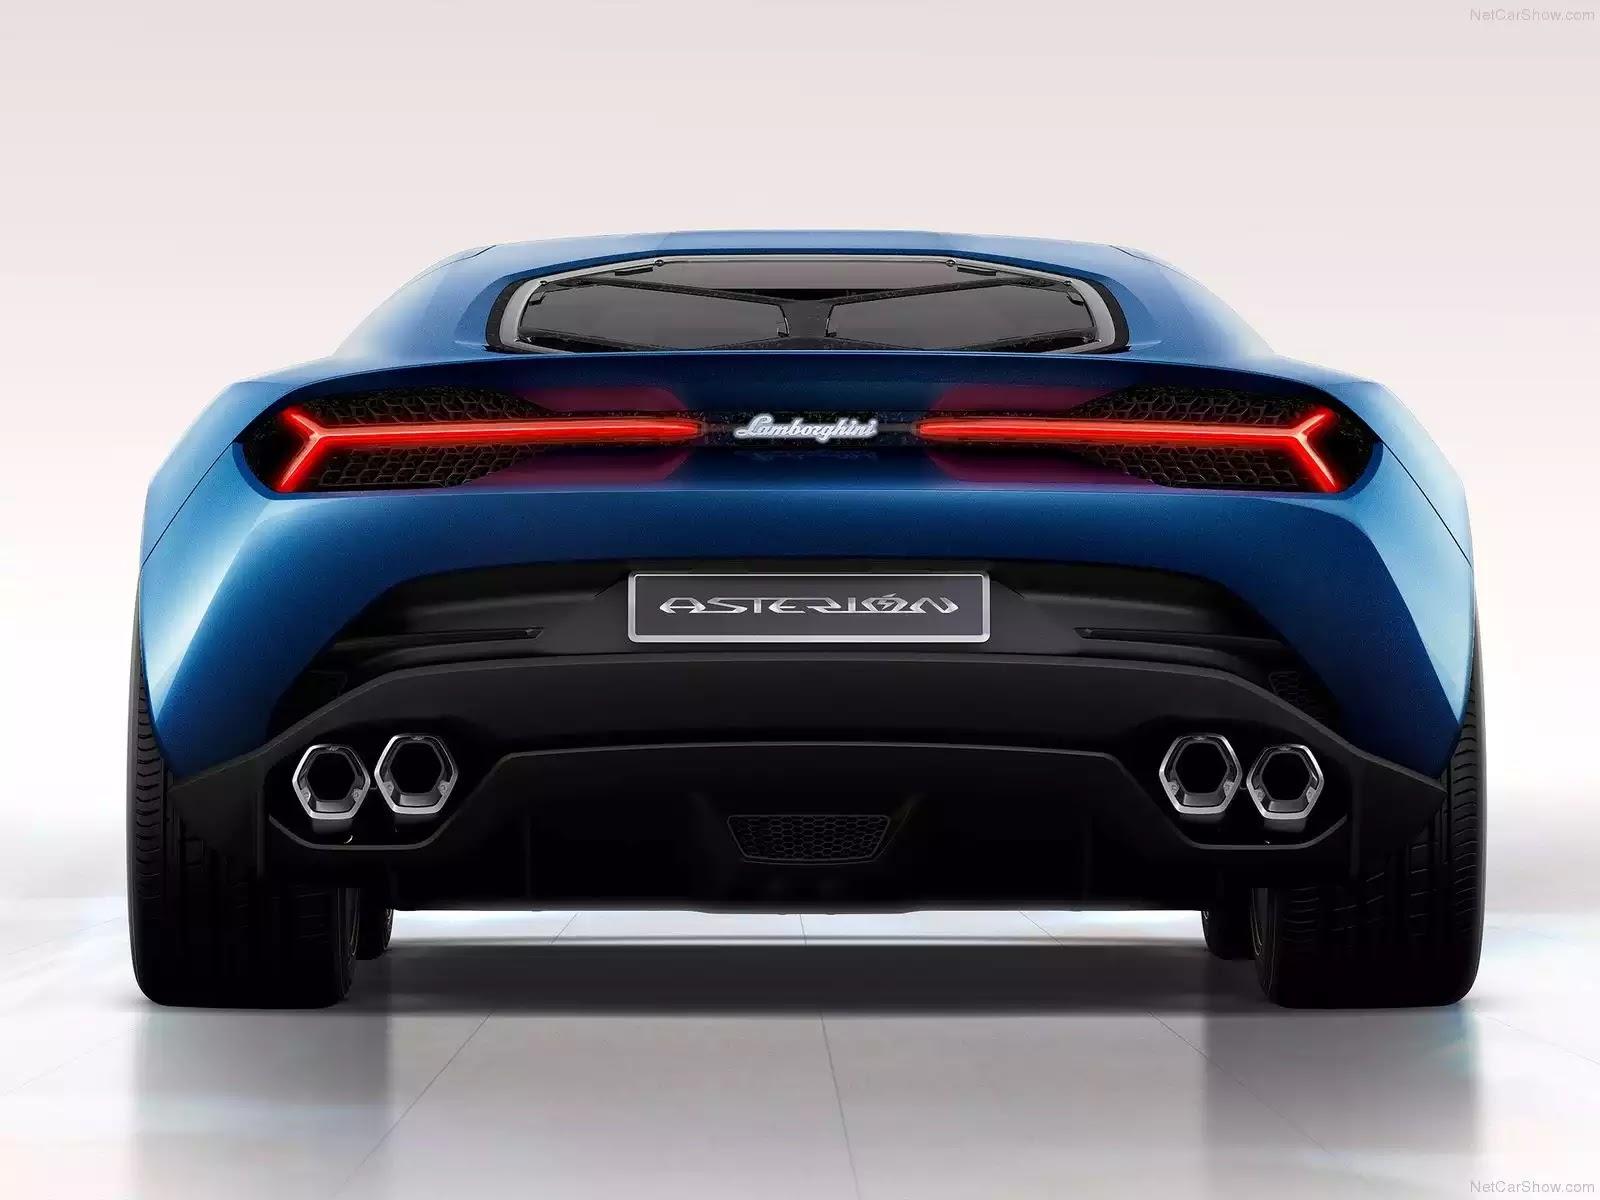 Hình ảnh siêu xe Lamborghini Asterion LPI910-4 Concept 2014 & nội ngoại thất